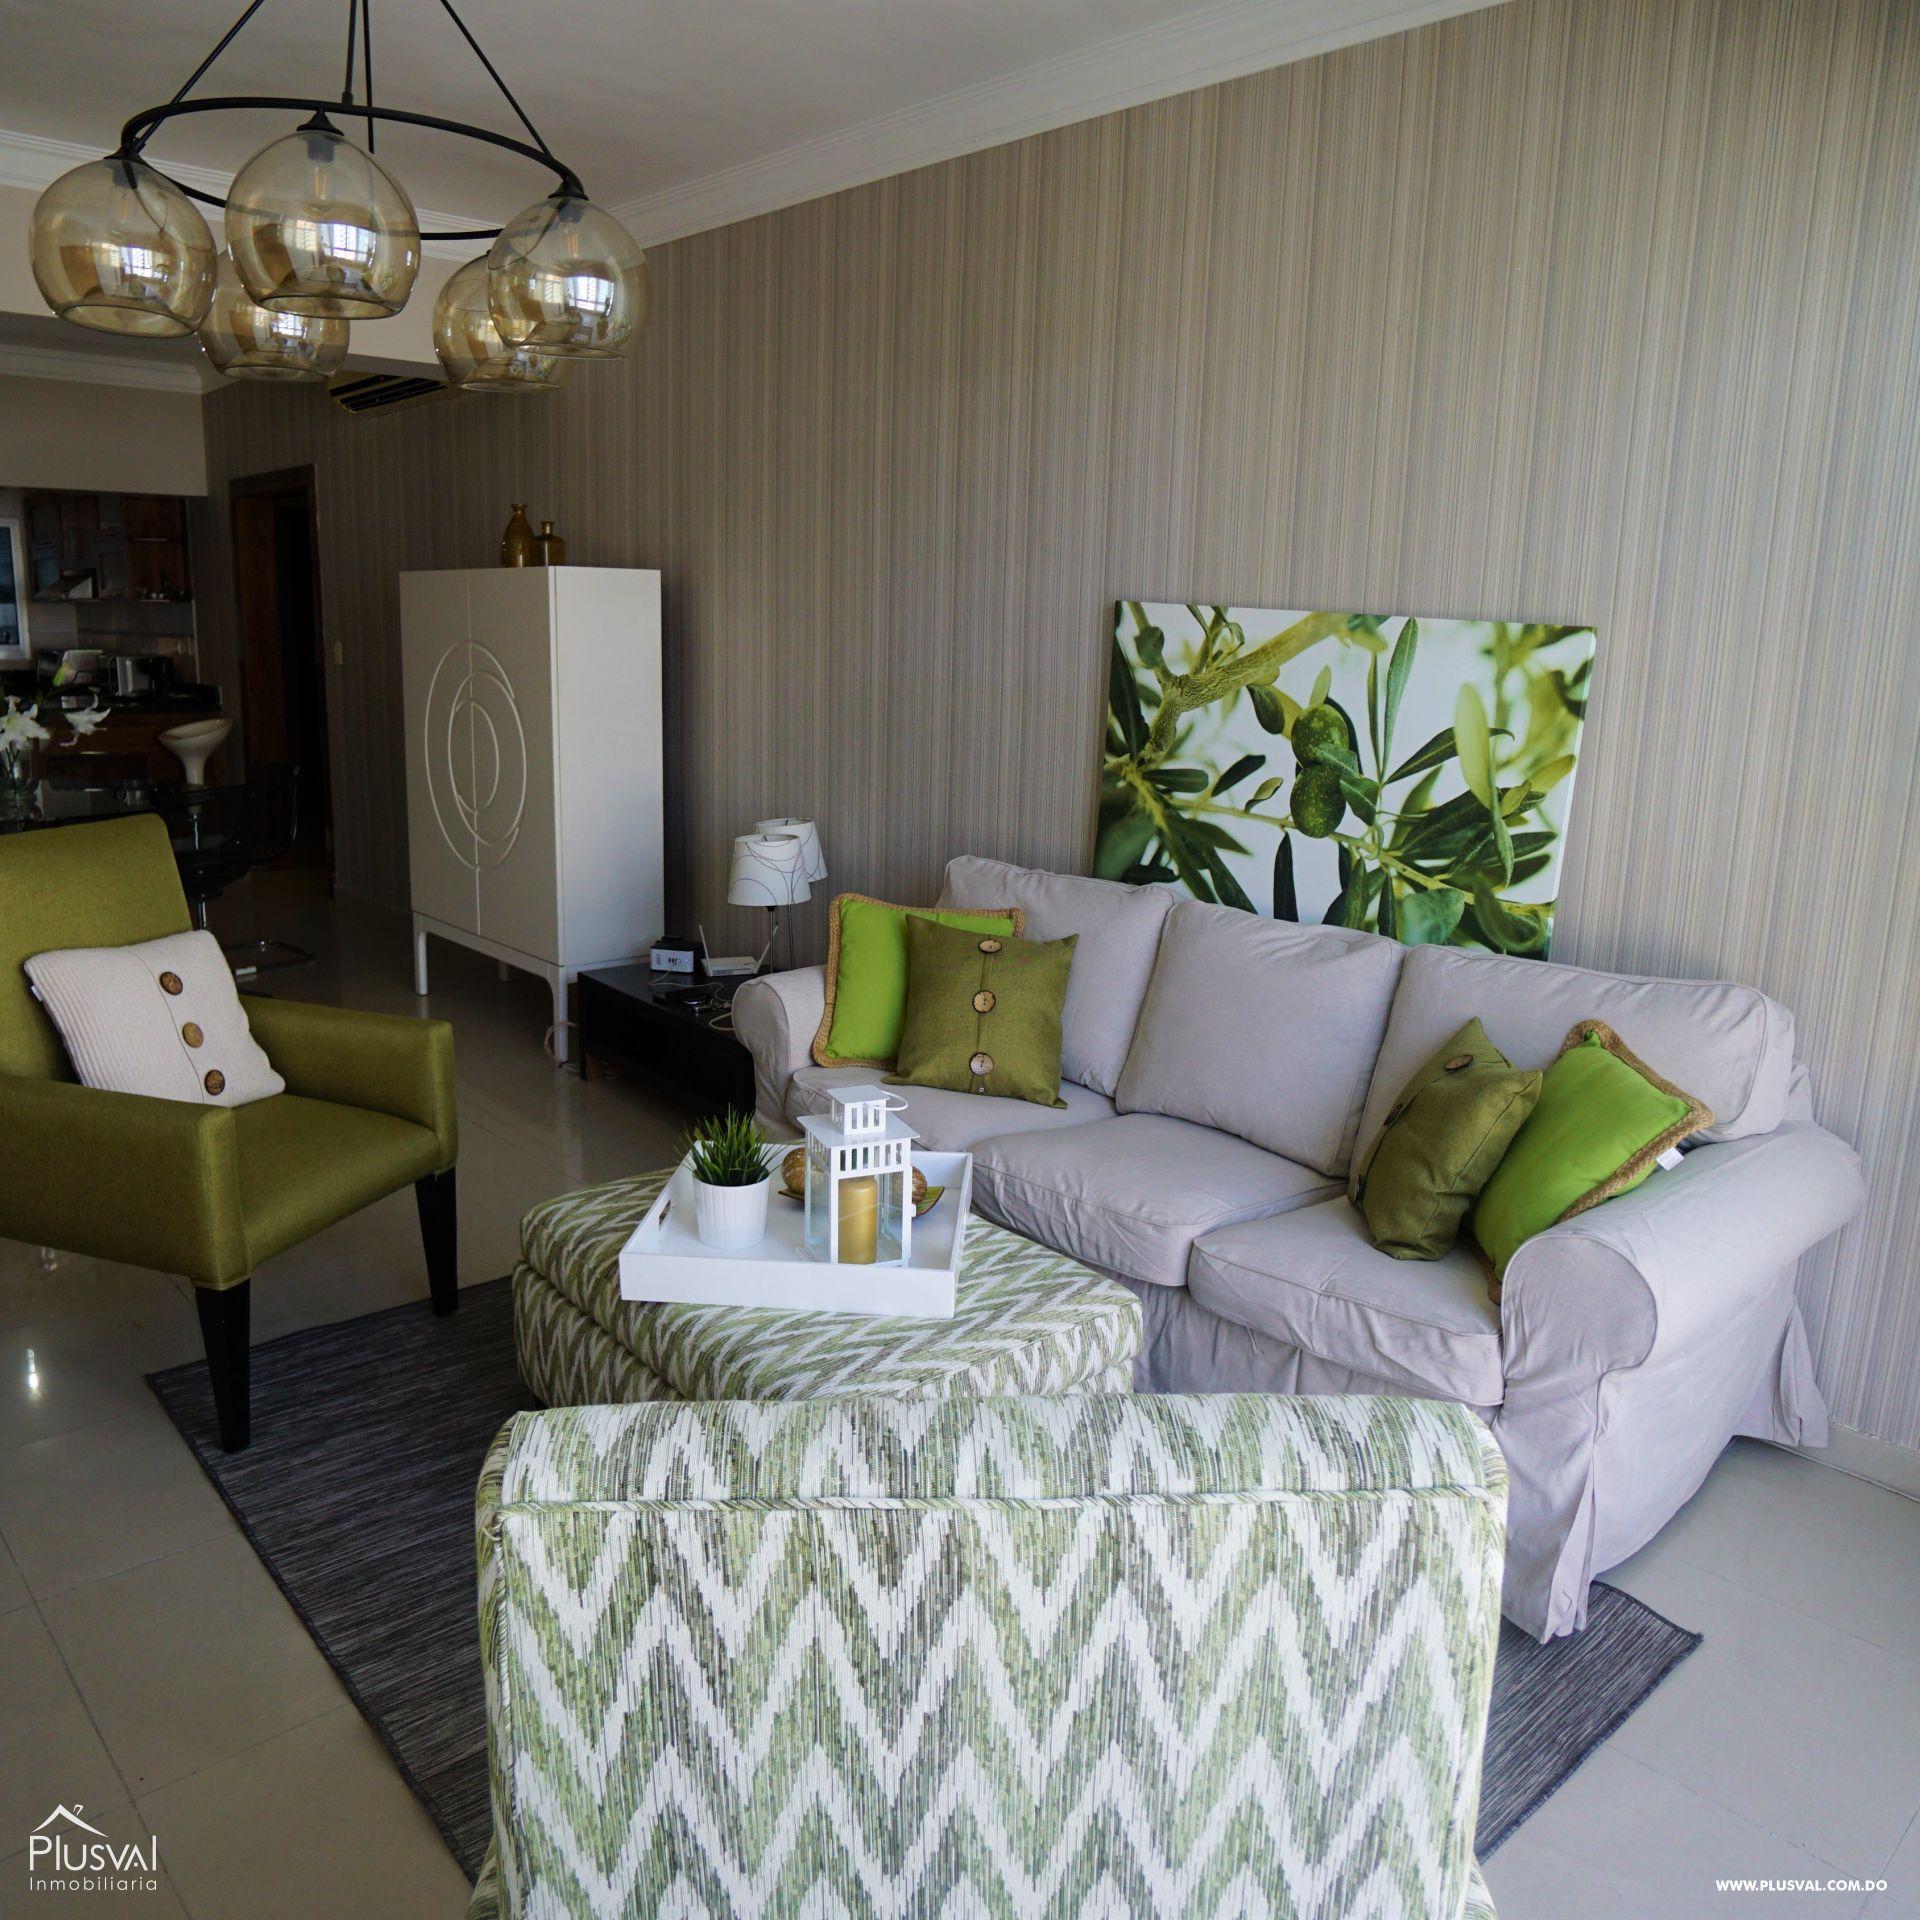 Apartamento amueblado en alquiler en Piantini